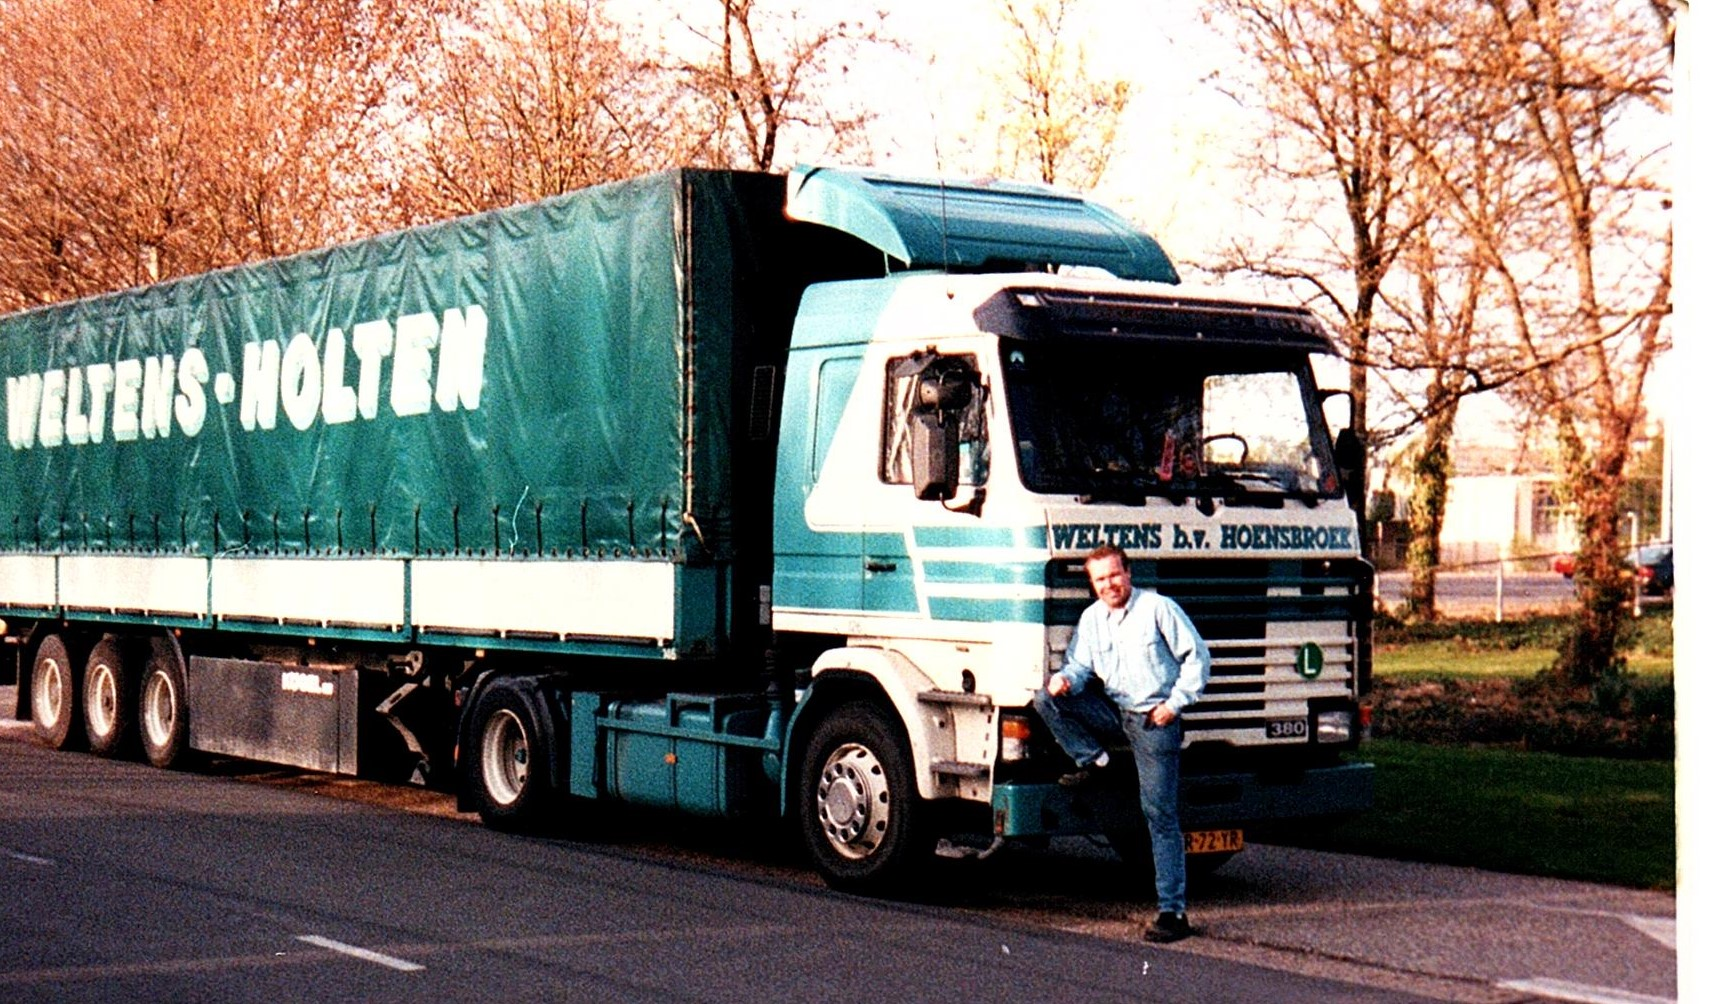 Bert-met-de-Scania-vakantie-vieren-in-Italie-30